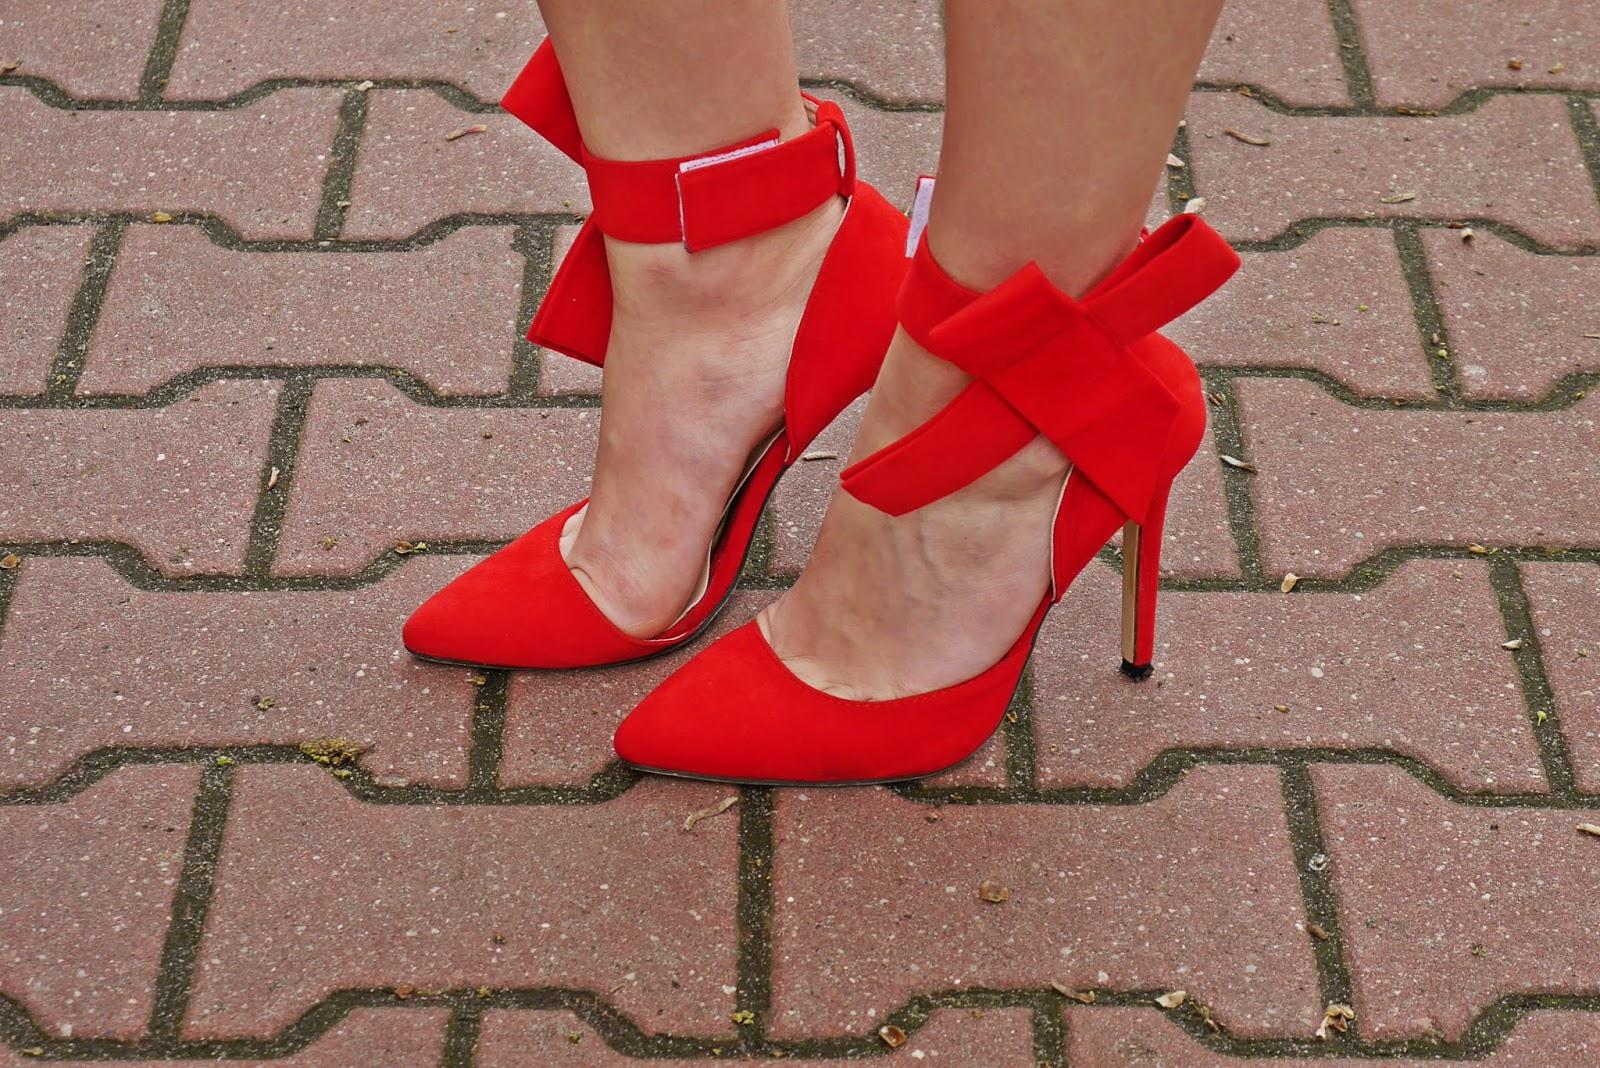 czerwone_szpilki_kokardy_red_heels_karyn_blog_look_110517